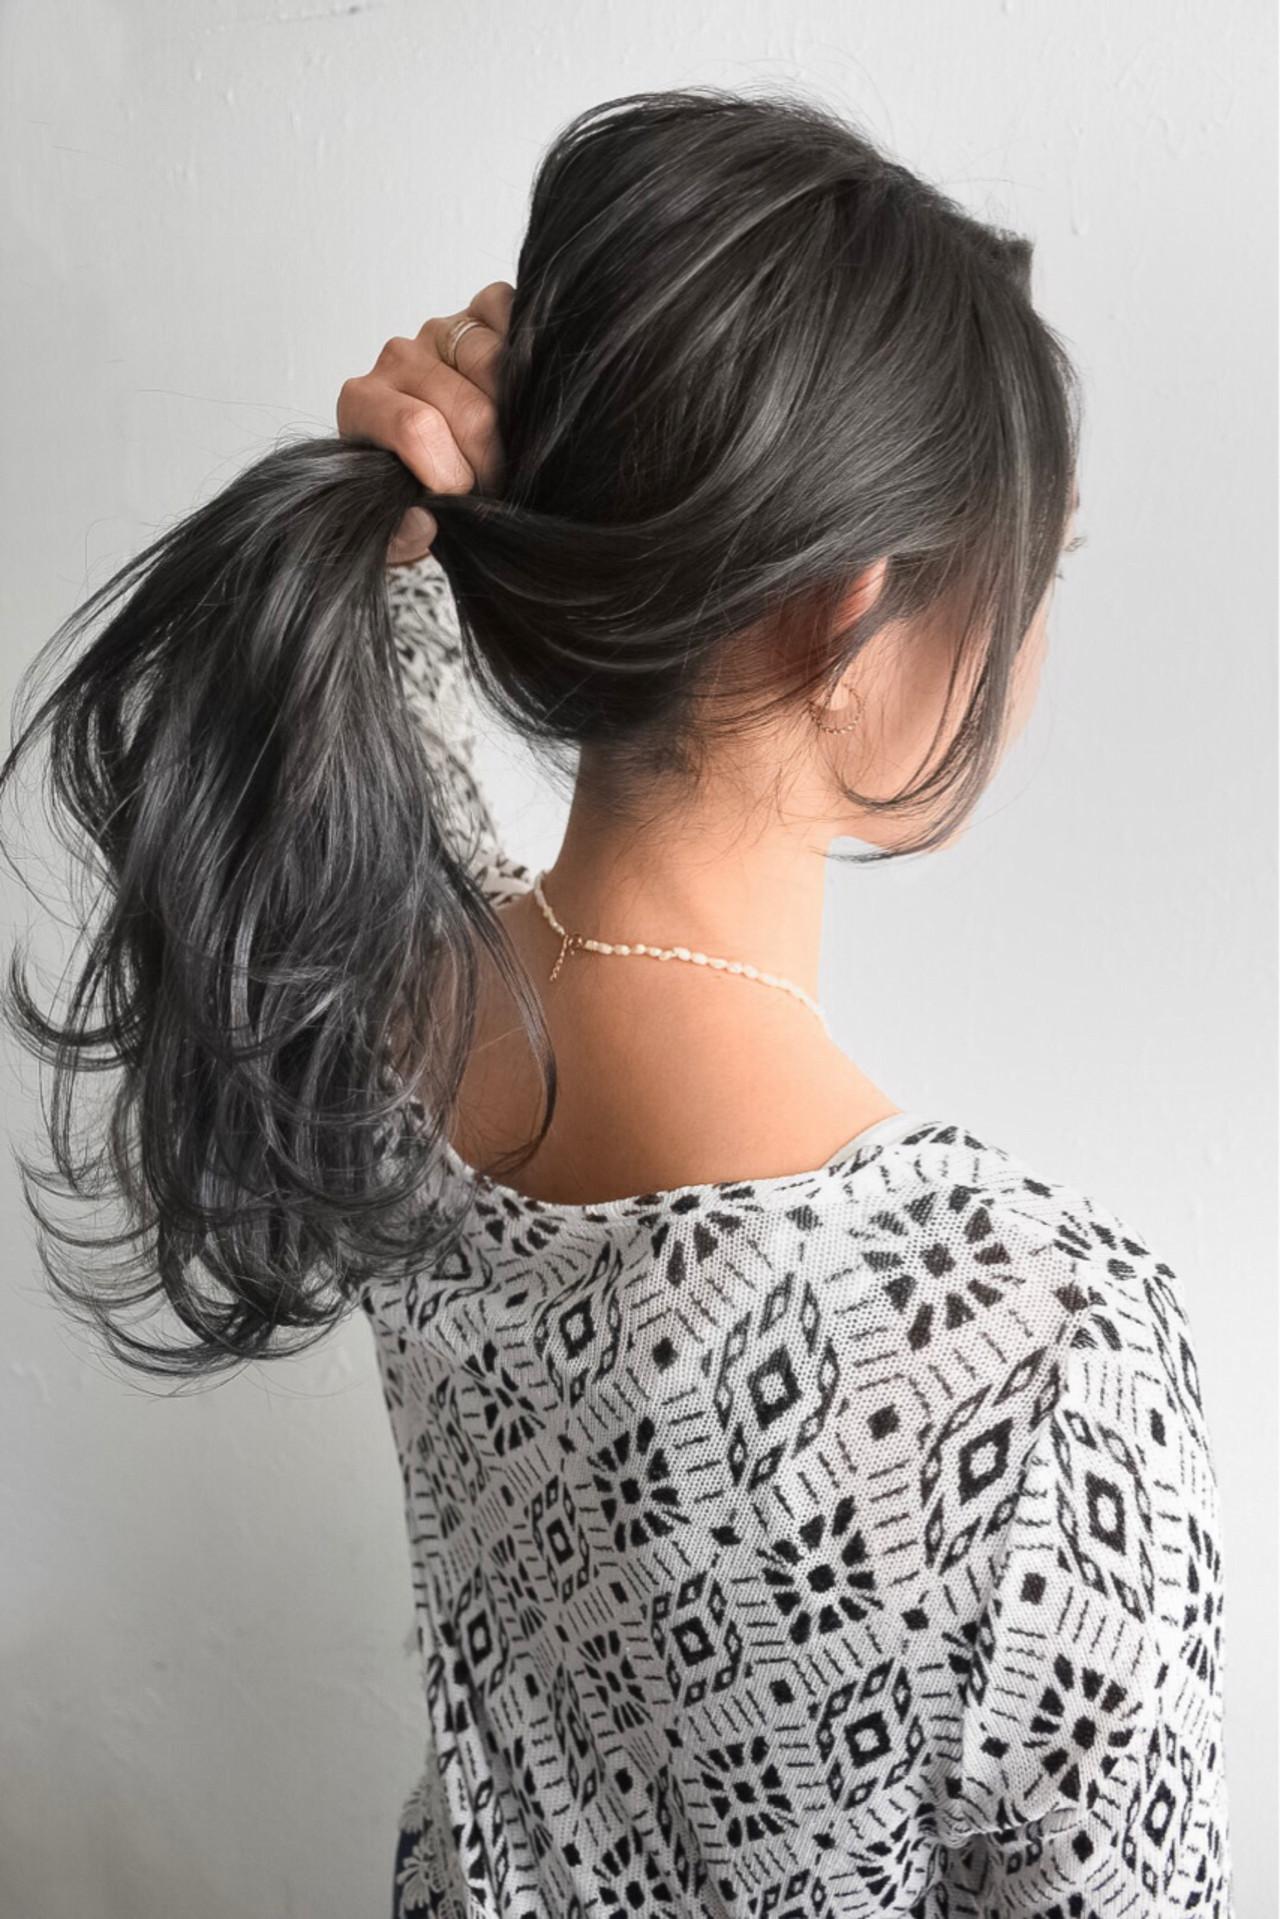 ナチュラル ヘアアレンジ ハイライト ロング ヘアスタイルや髪型の写真・画像